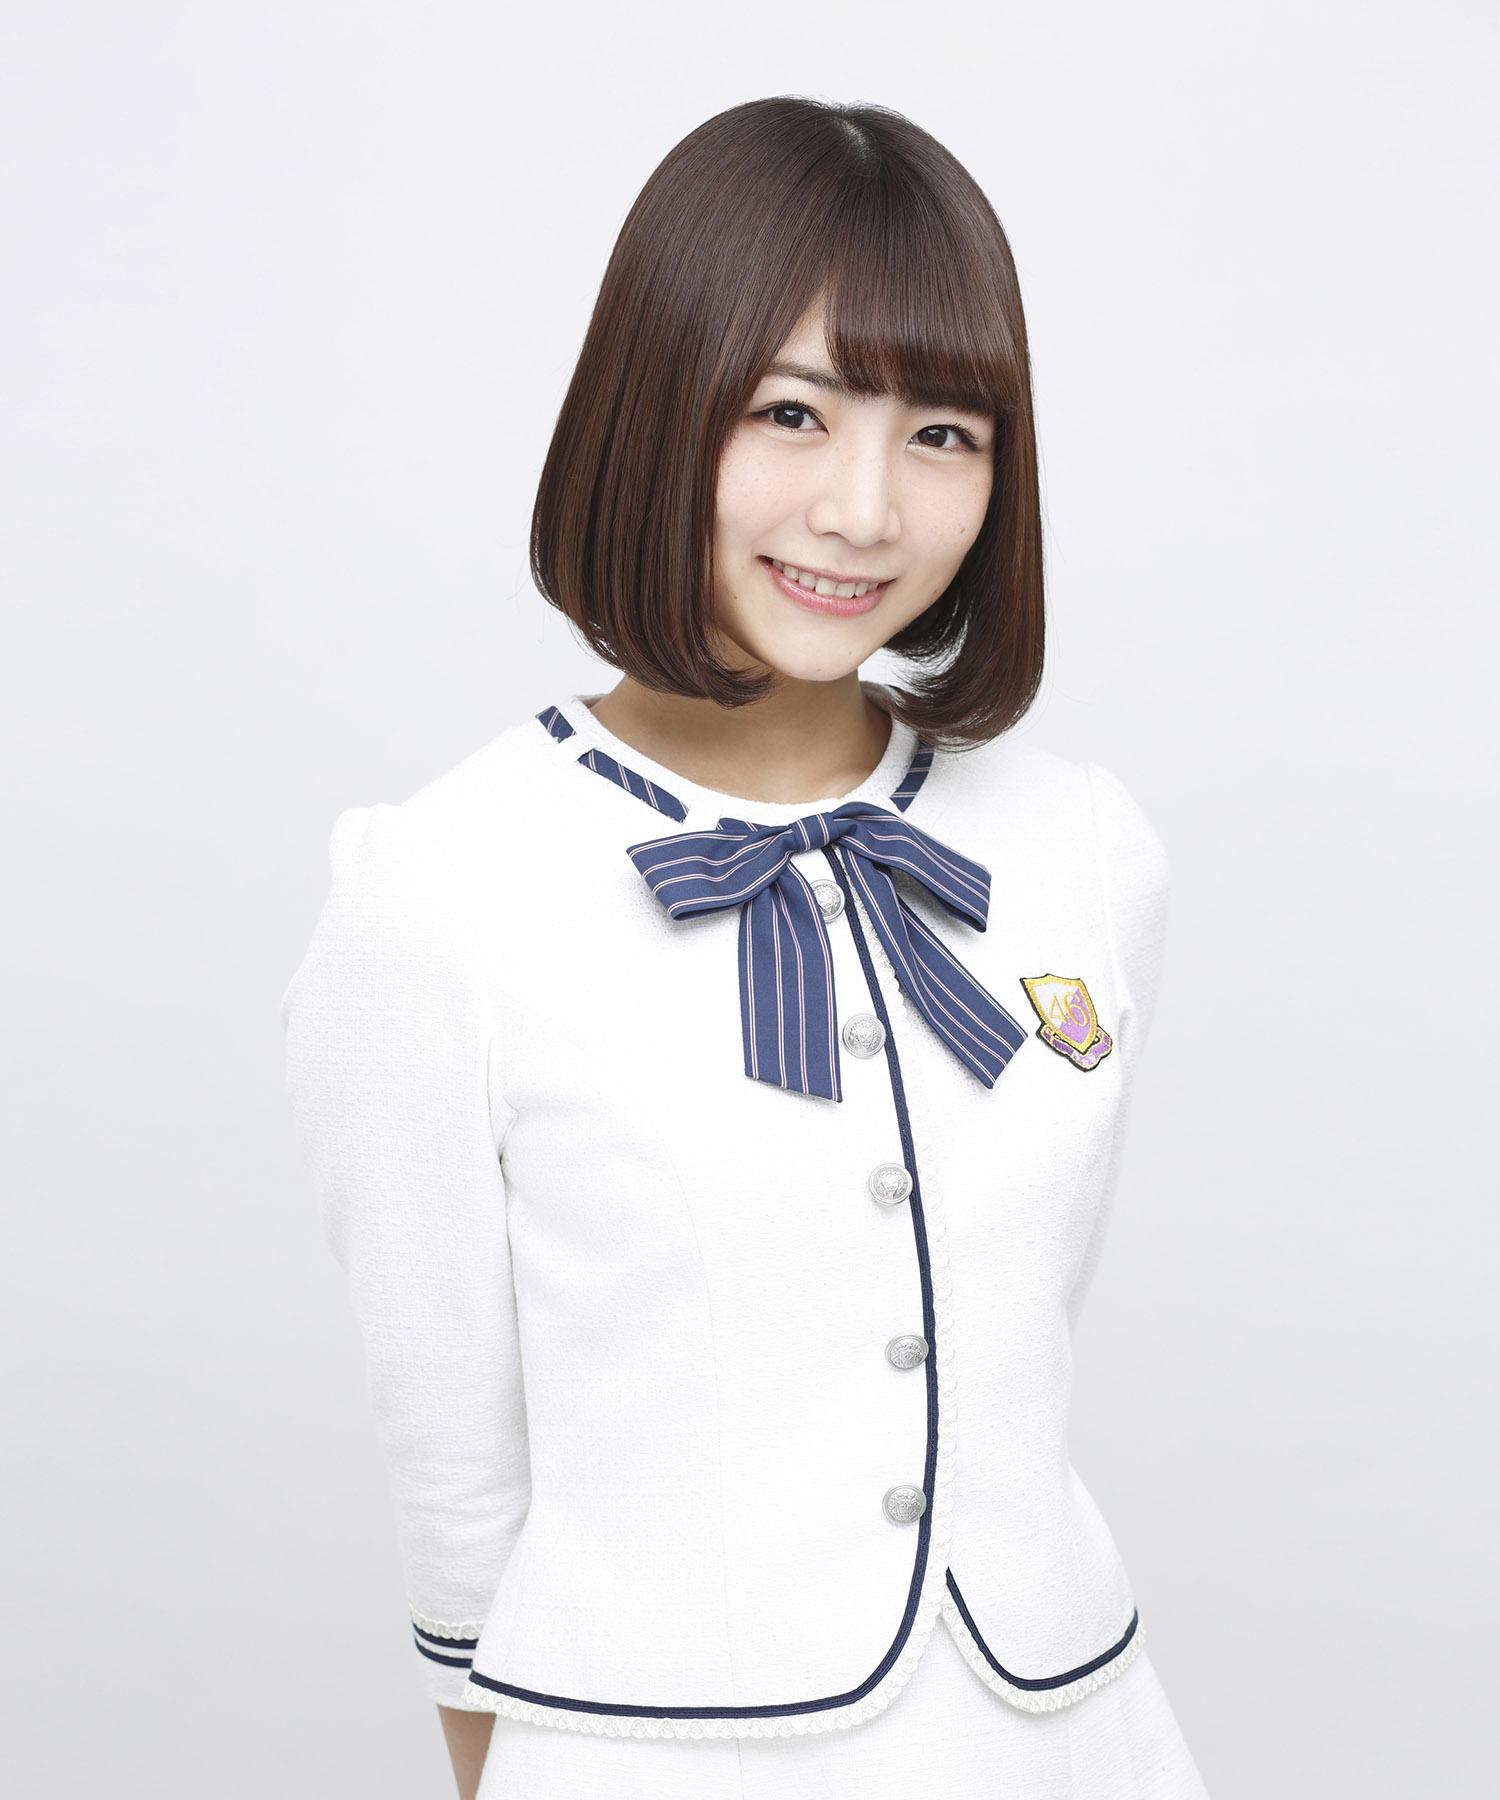 乃木坂46・北野日奈子(17thシングル「インフルエンサー」アーティスト写真